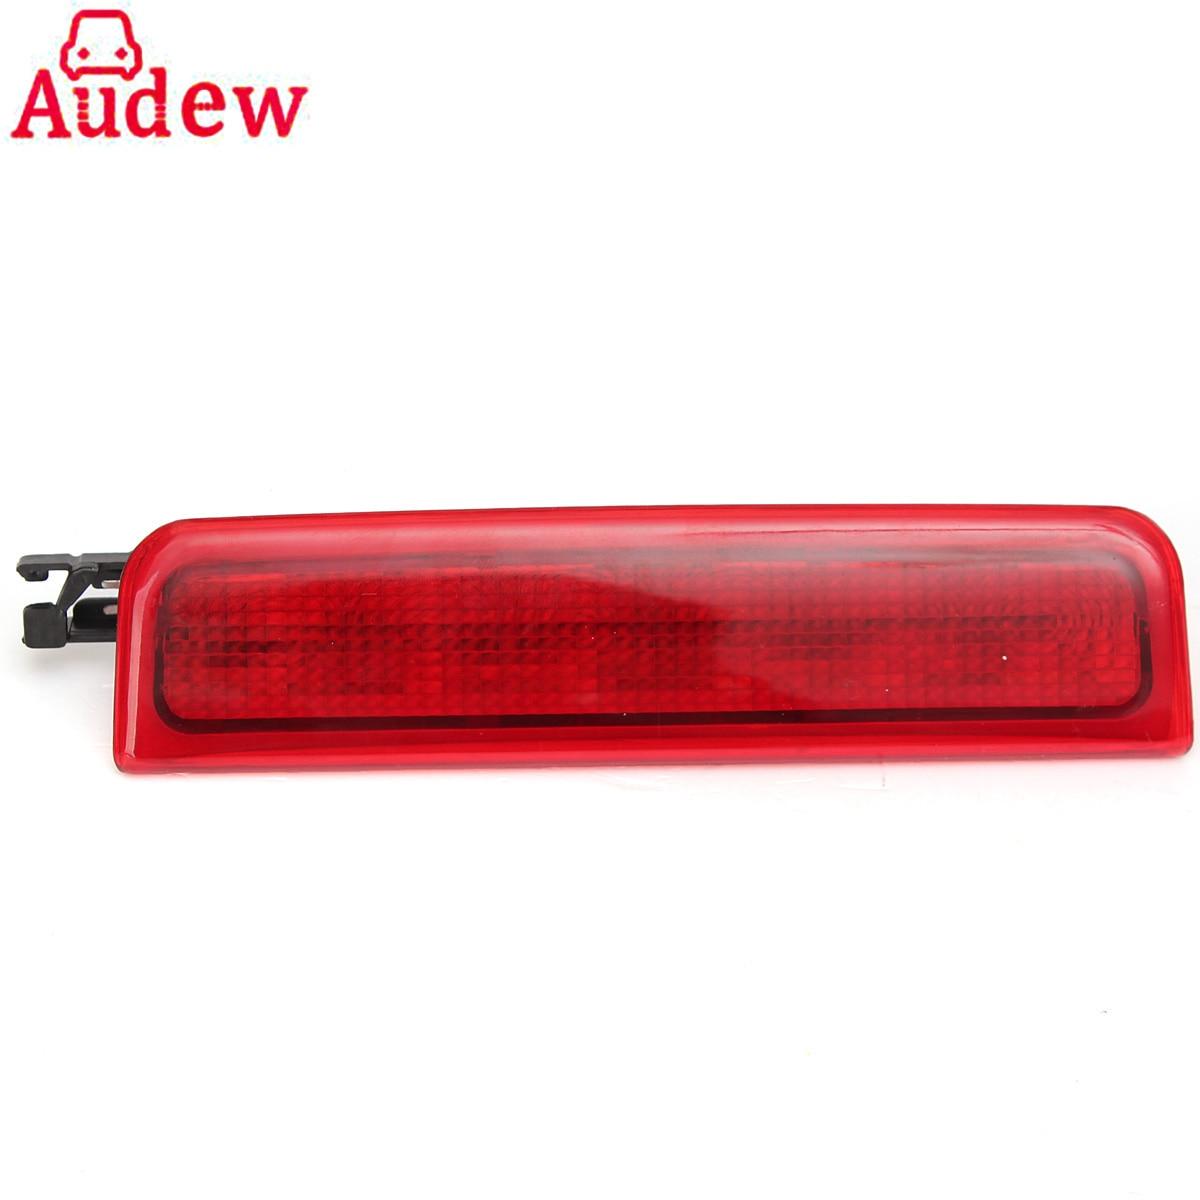 New Car LED Tail Light Rear Brake Light Lamp Stop Lamp For VW Caddy III/Kasten 2K0945087A 2K0945087C